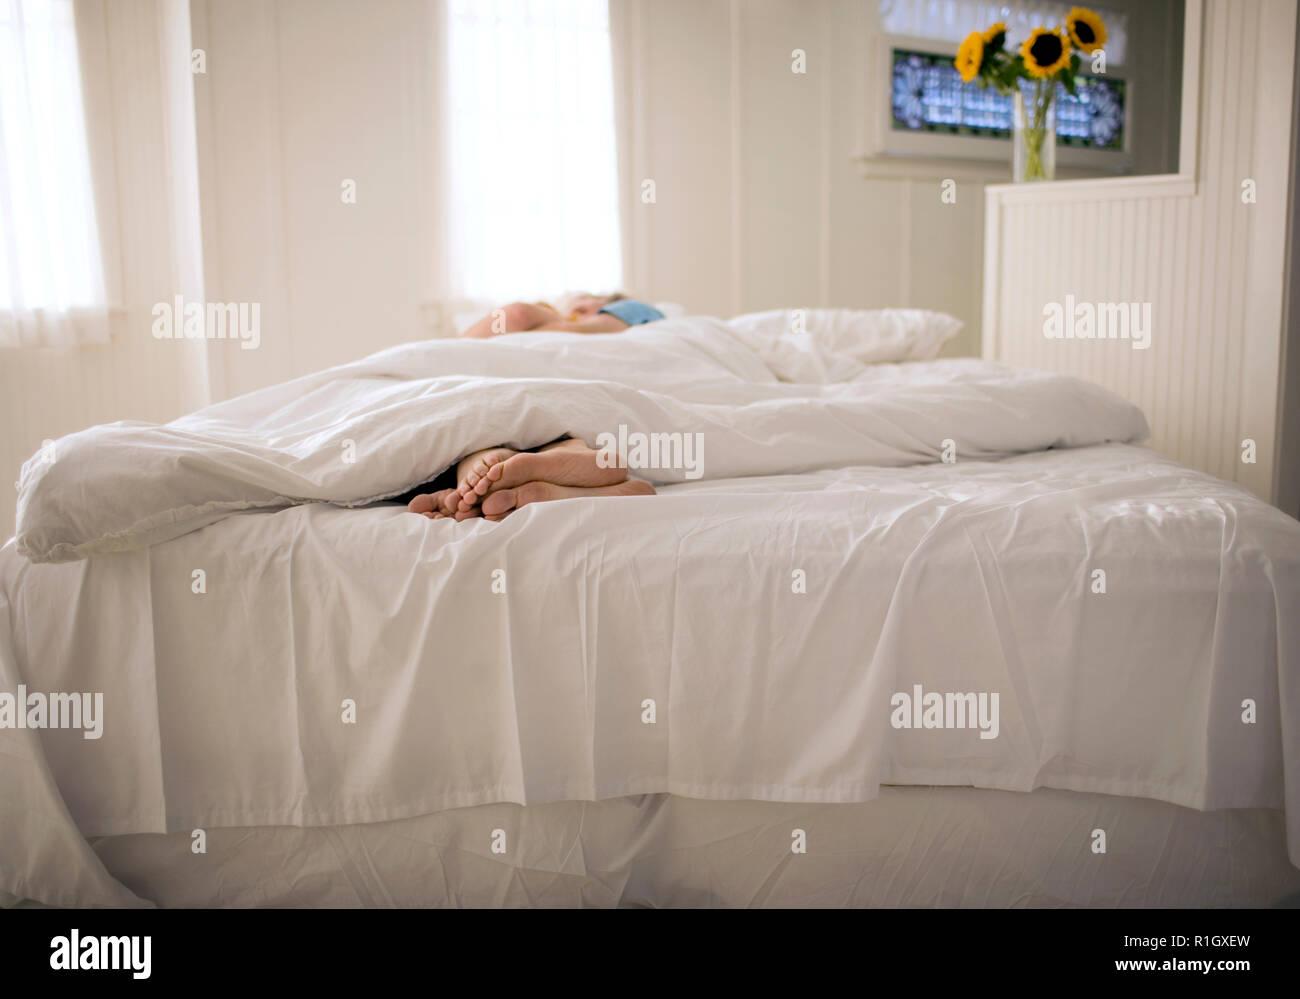 Zwei Leute Zusammen In Einem Bett Liegen Stockfoto Bild 224721473